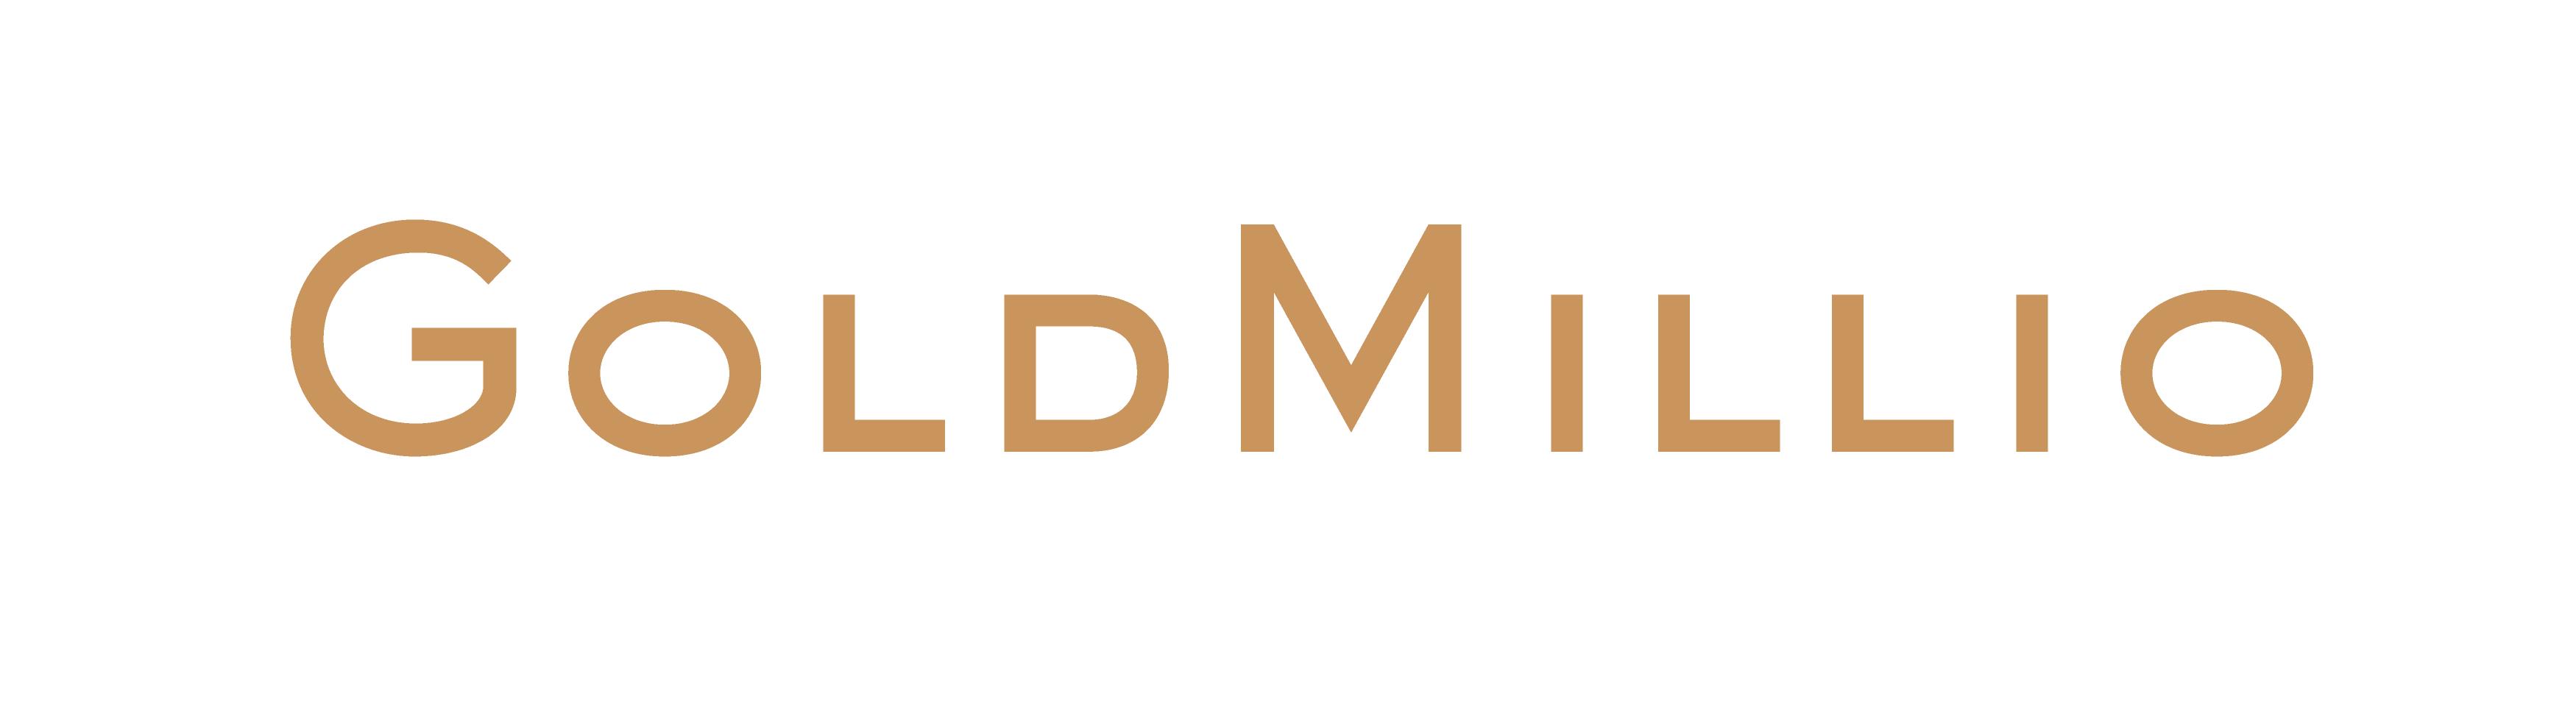 GoldMillio